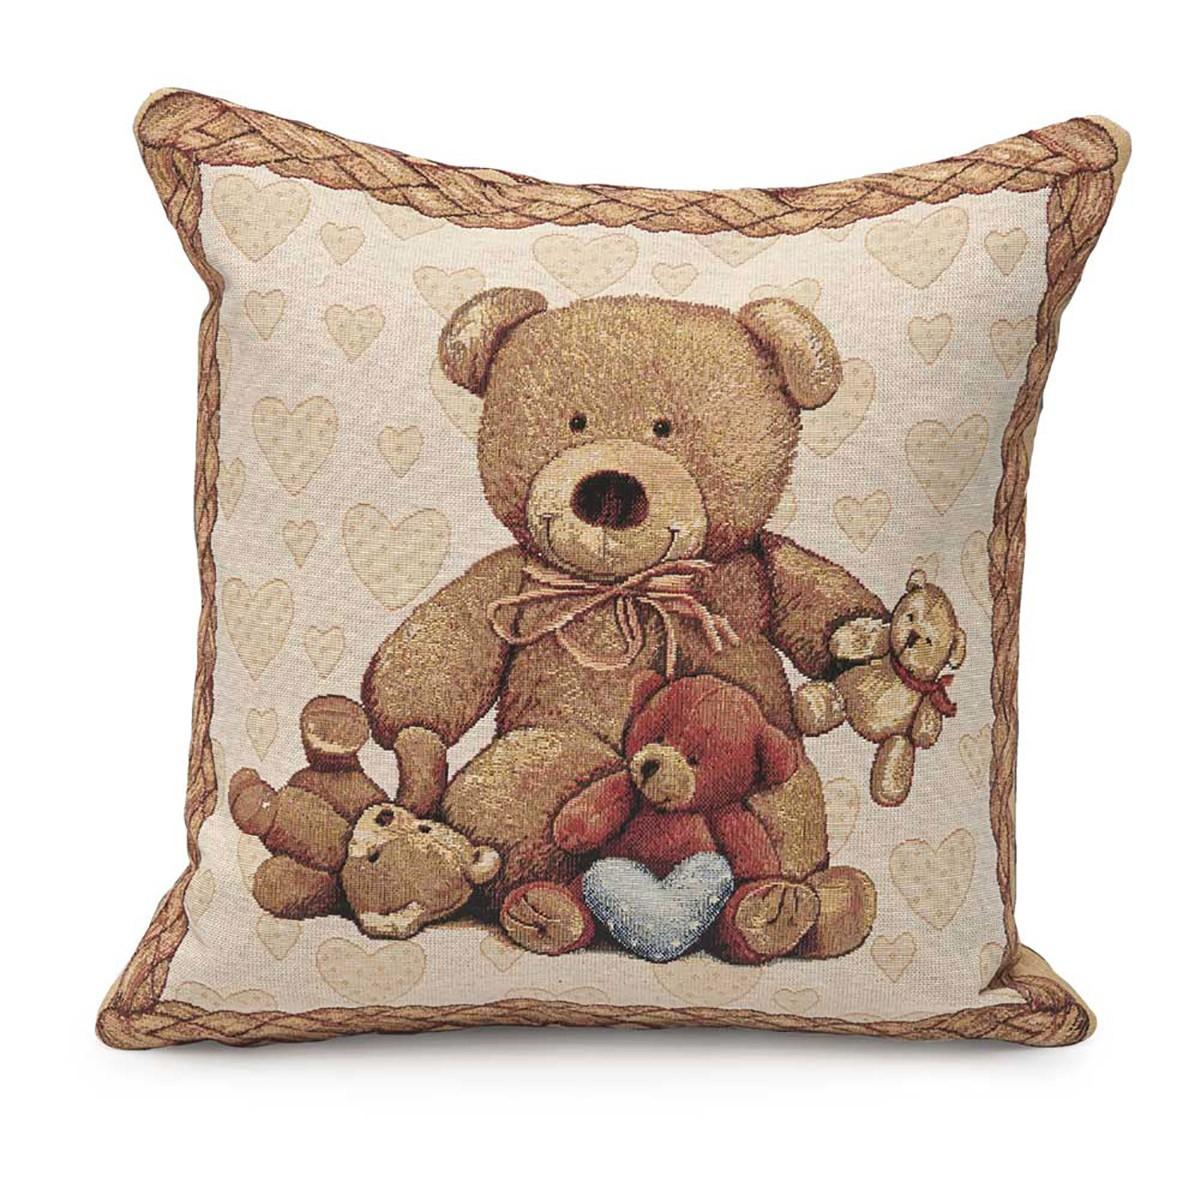 Διακοσμητική Μαξιλαροθήκη Kentia Kids Teddy home   παιδικά   διακοσμητικά μαξιλάρια παιδικά